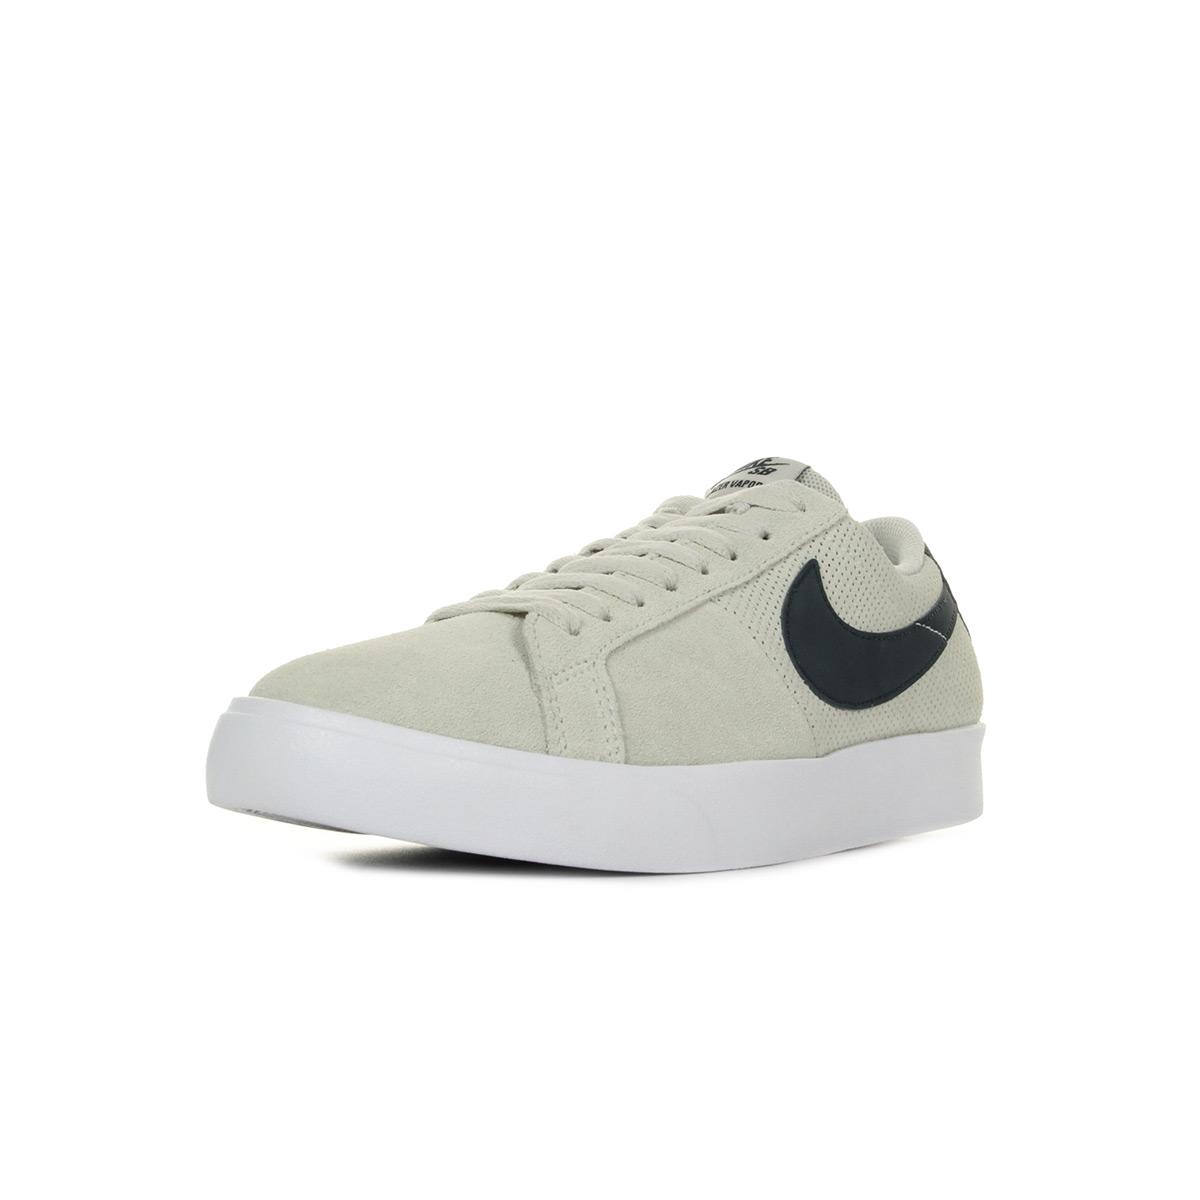 Los últimos zapatos de descuento para hombres y mujeres Chaussures Baskets Nike homme SB Blazer Vapor taille Beige Cuir Lacets